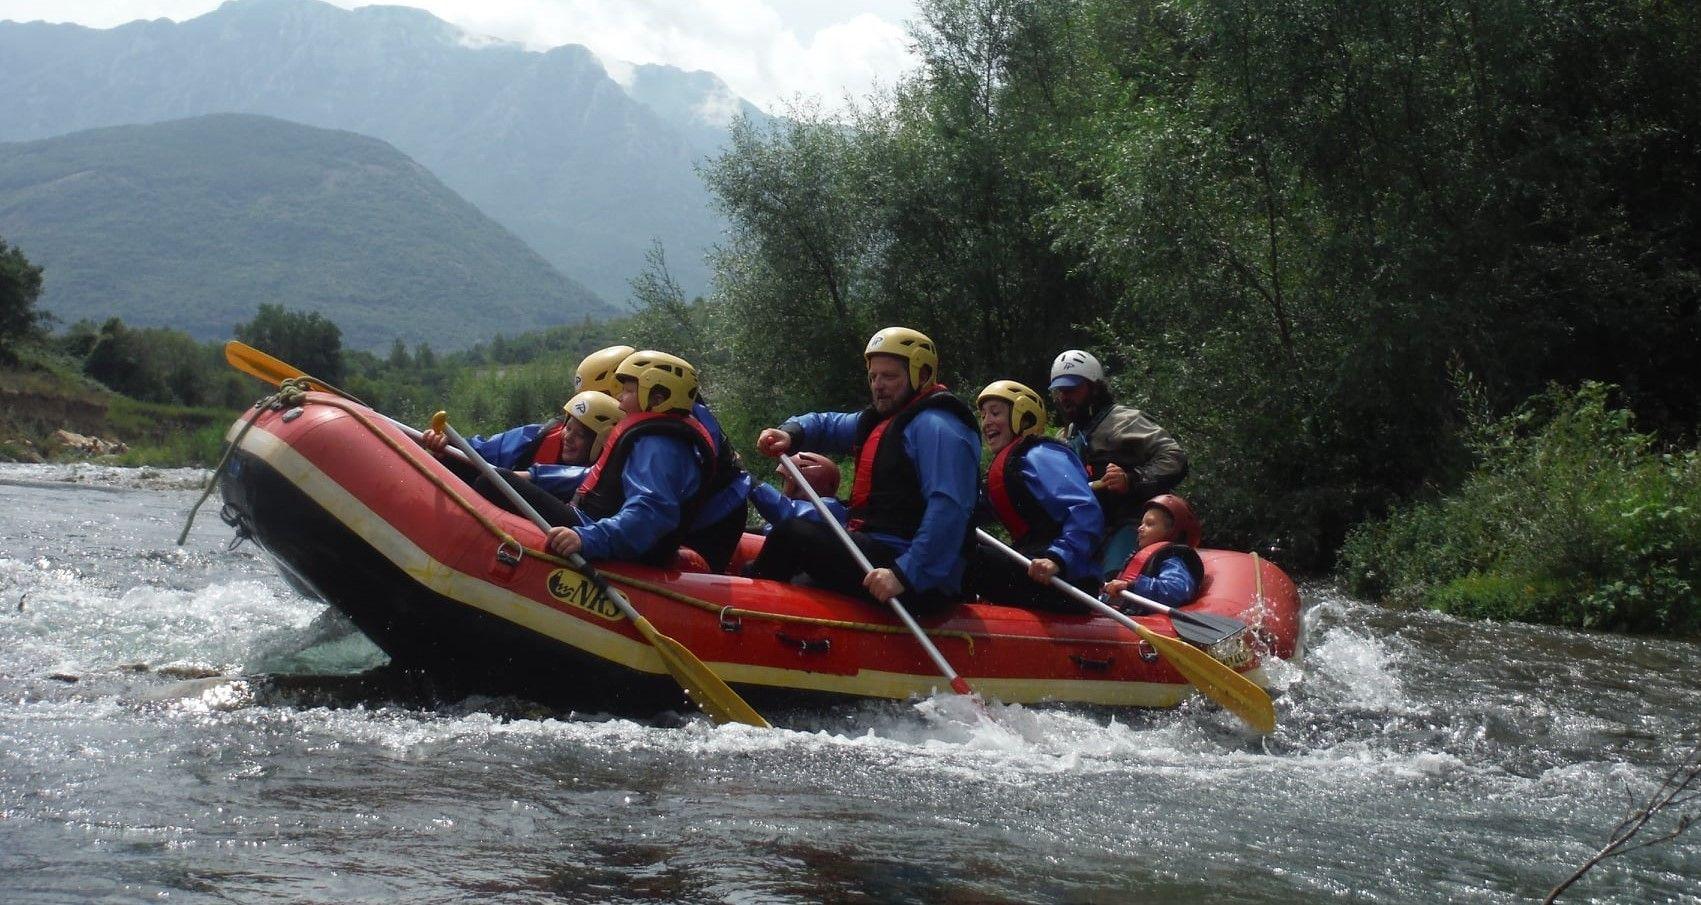 Discesa di rafting sul fiume Calore in Cilento